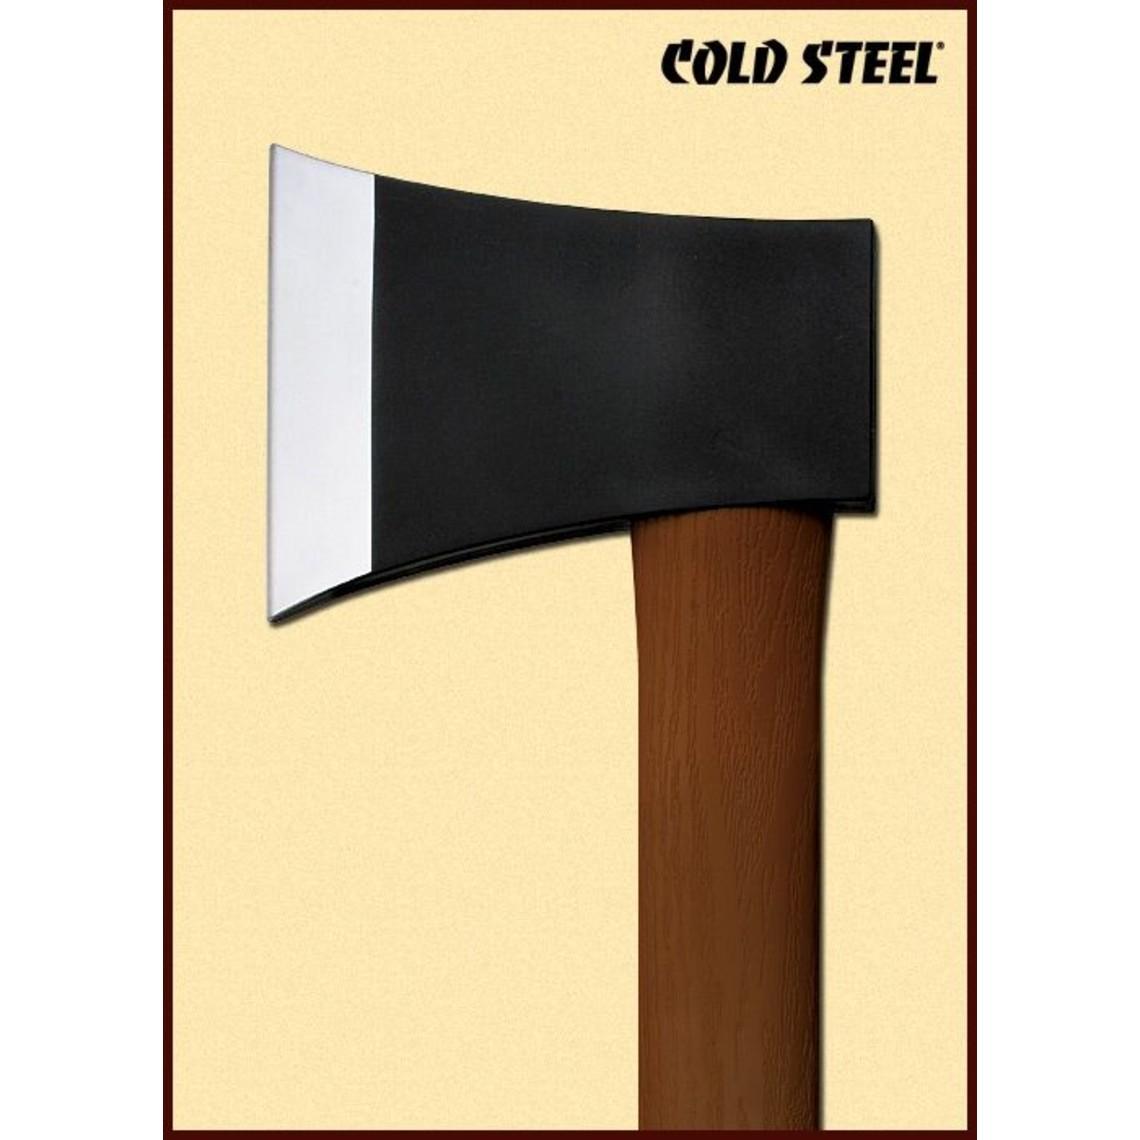 Cold Steel Axe Gang Hatchet Trainer